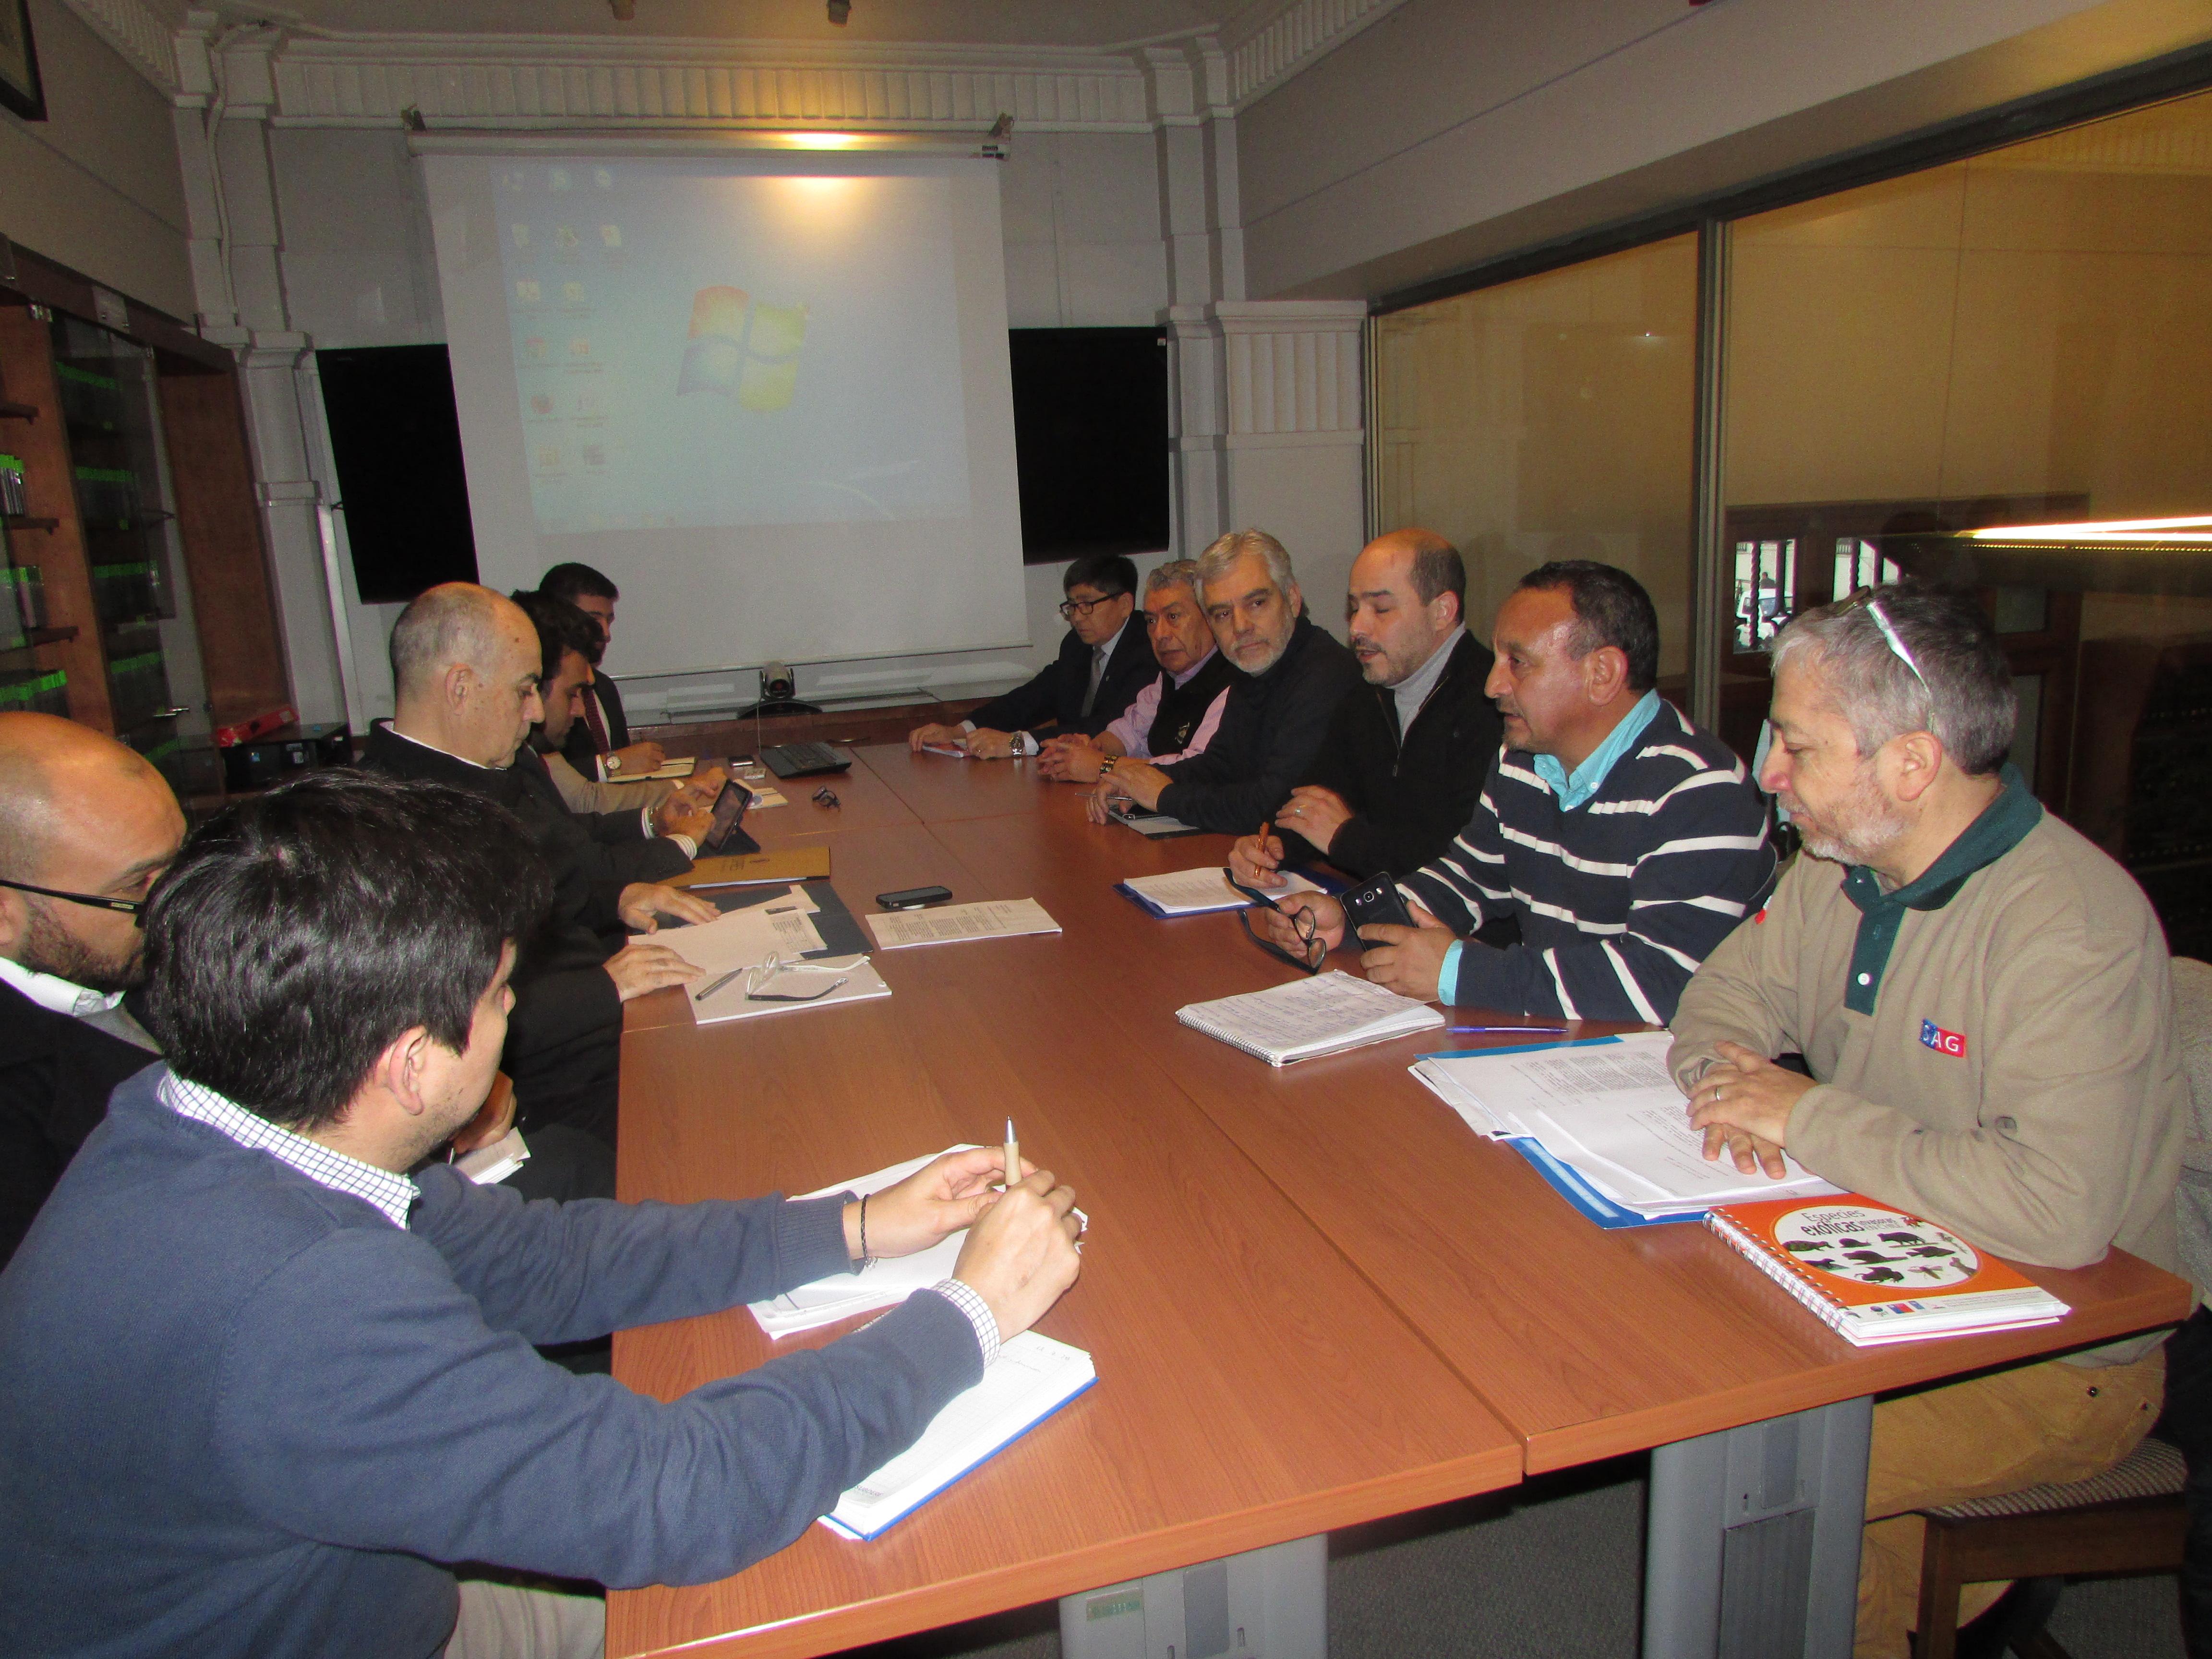 AFSAG participa en reunión ANEF y Hacienda por impacto de Decreto 90 - 11 Julio 2018